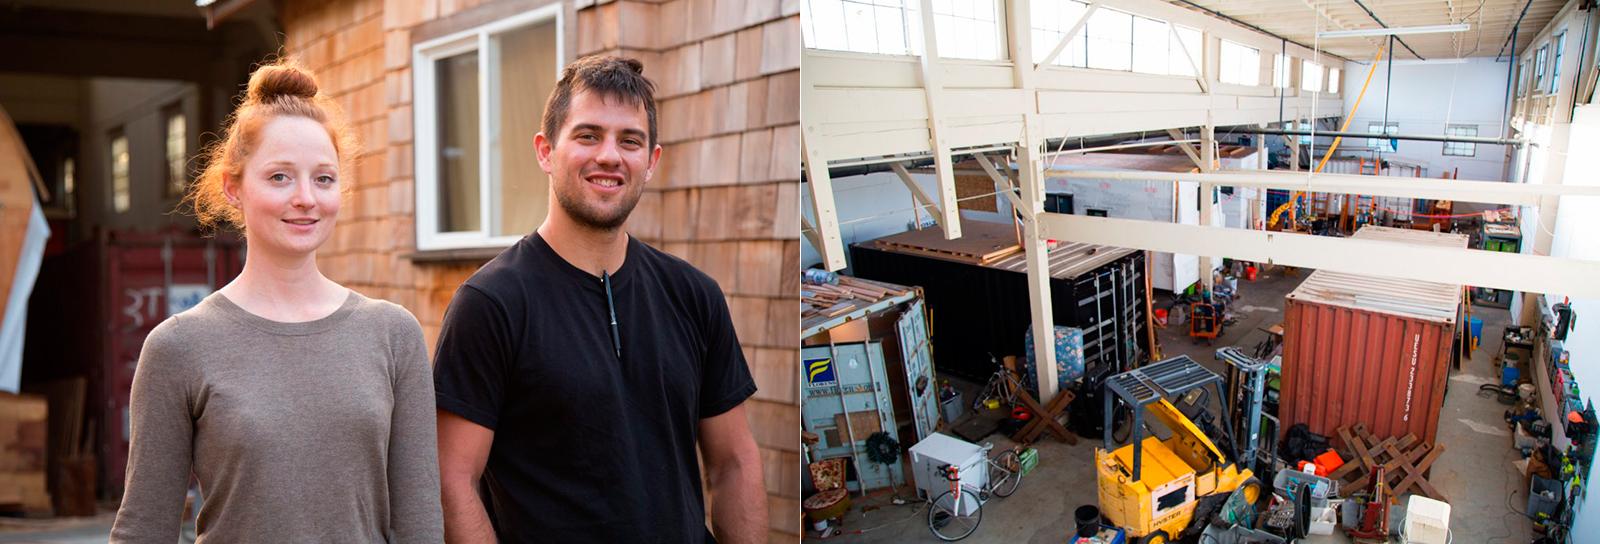 Casal que não tinha dinheiro para aluguel na cidade cria negócio de pequenas casas feitas de contêineres